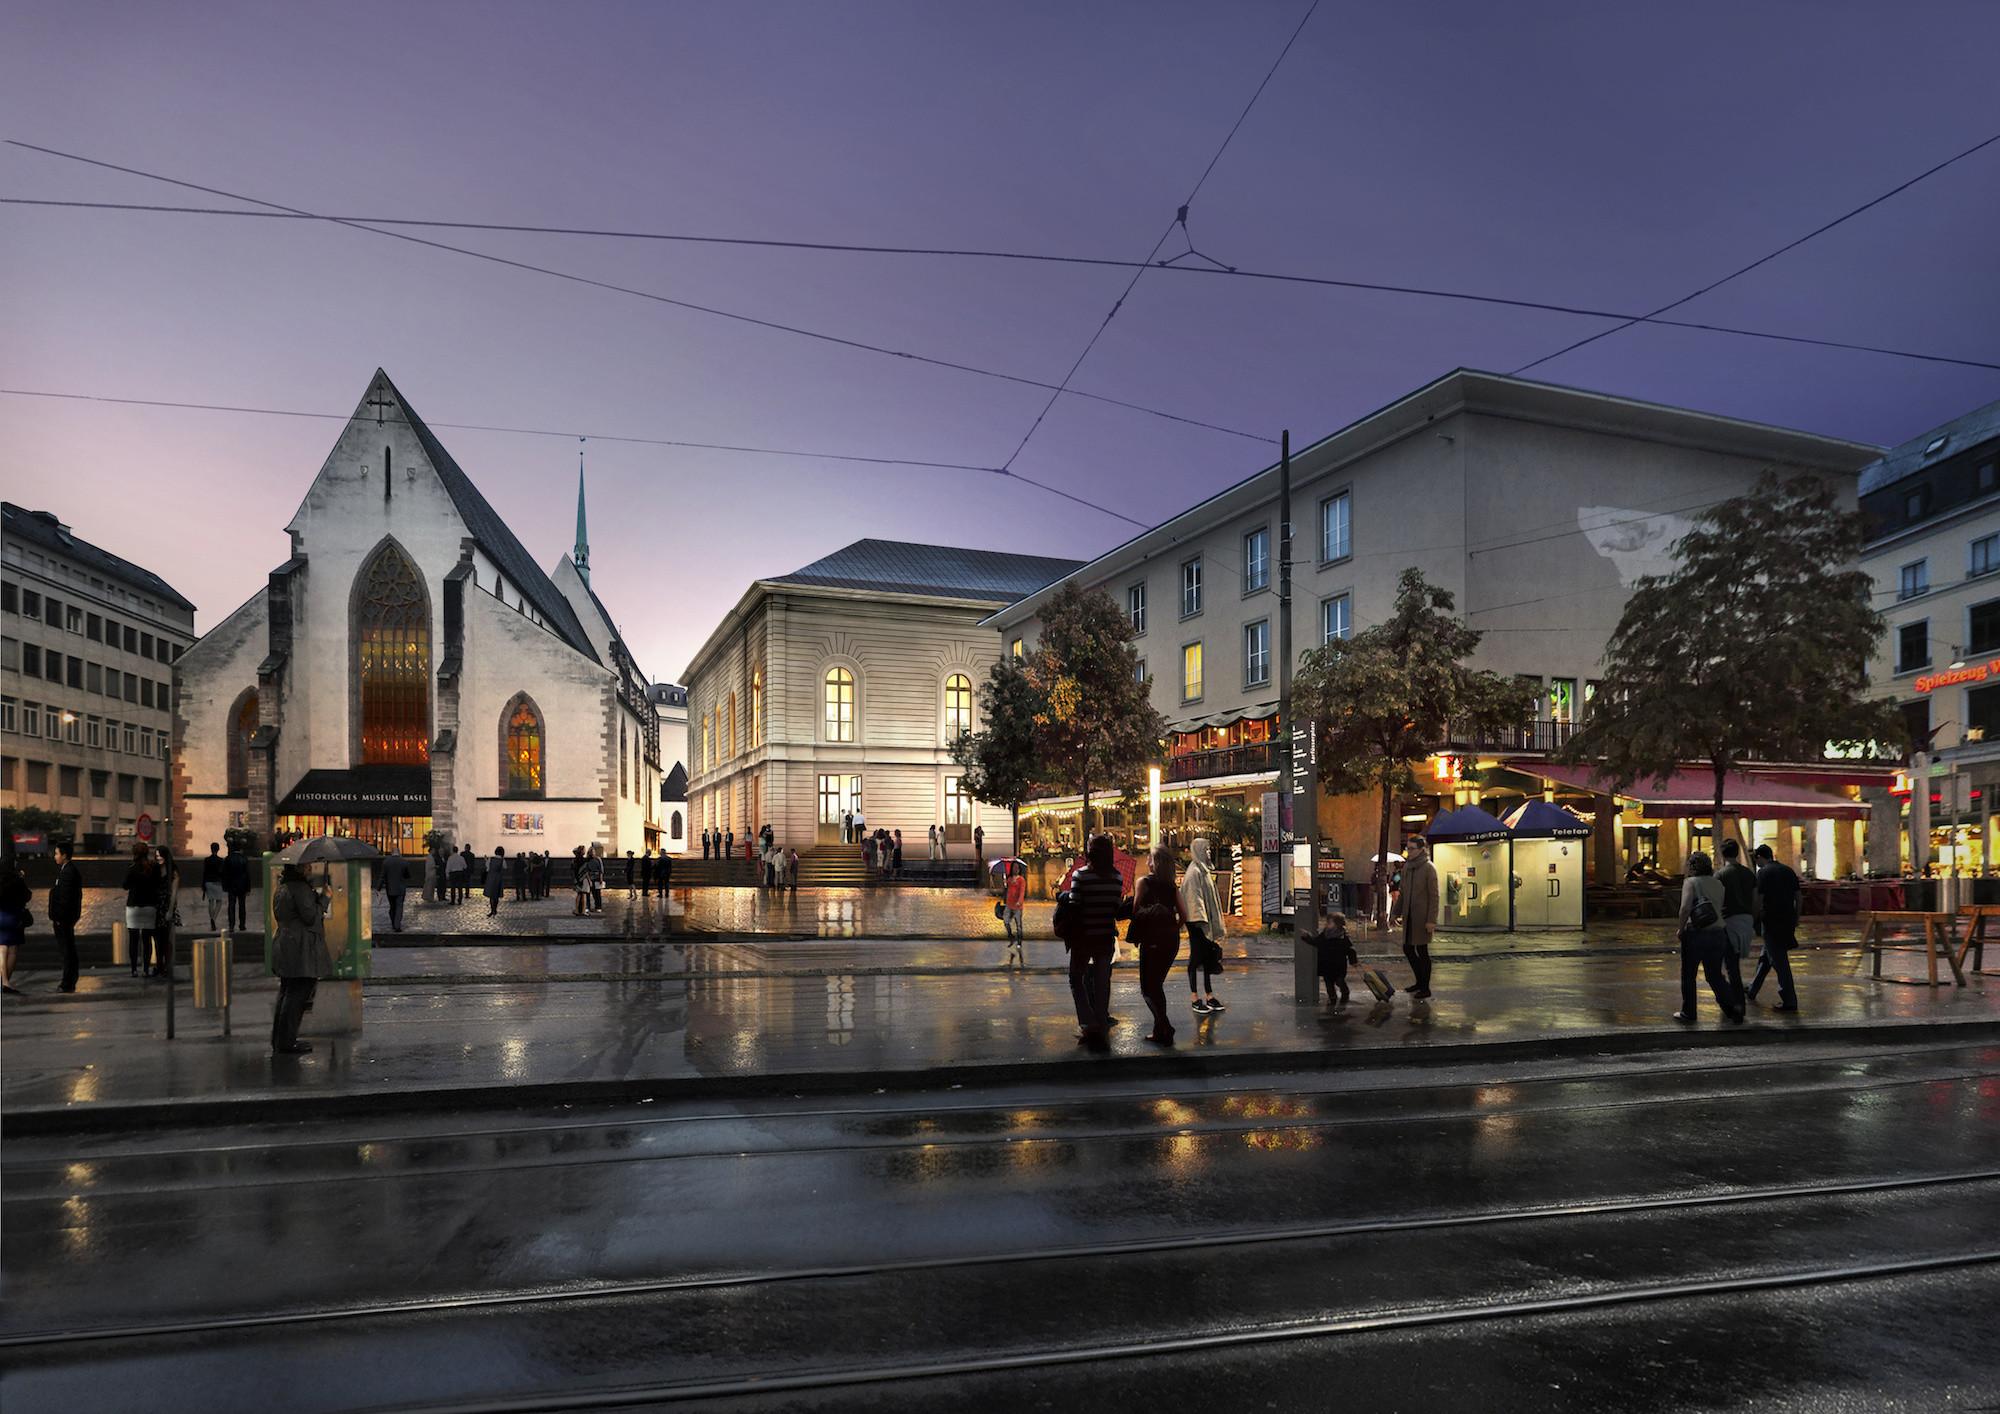 Der geplante Erweiterungsbau des Stadtcasinos Basel (im Bildhintergrund neben der Barfüsserkirche).